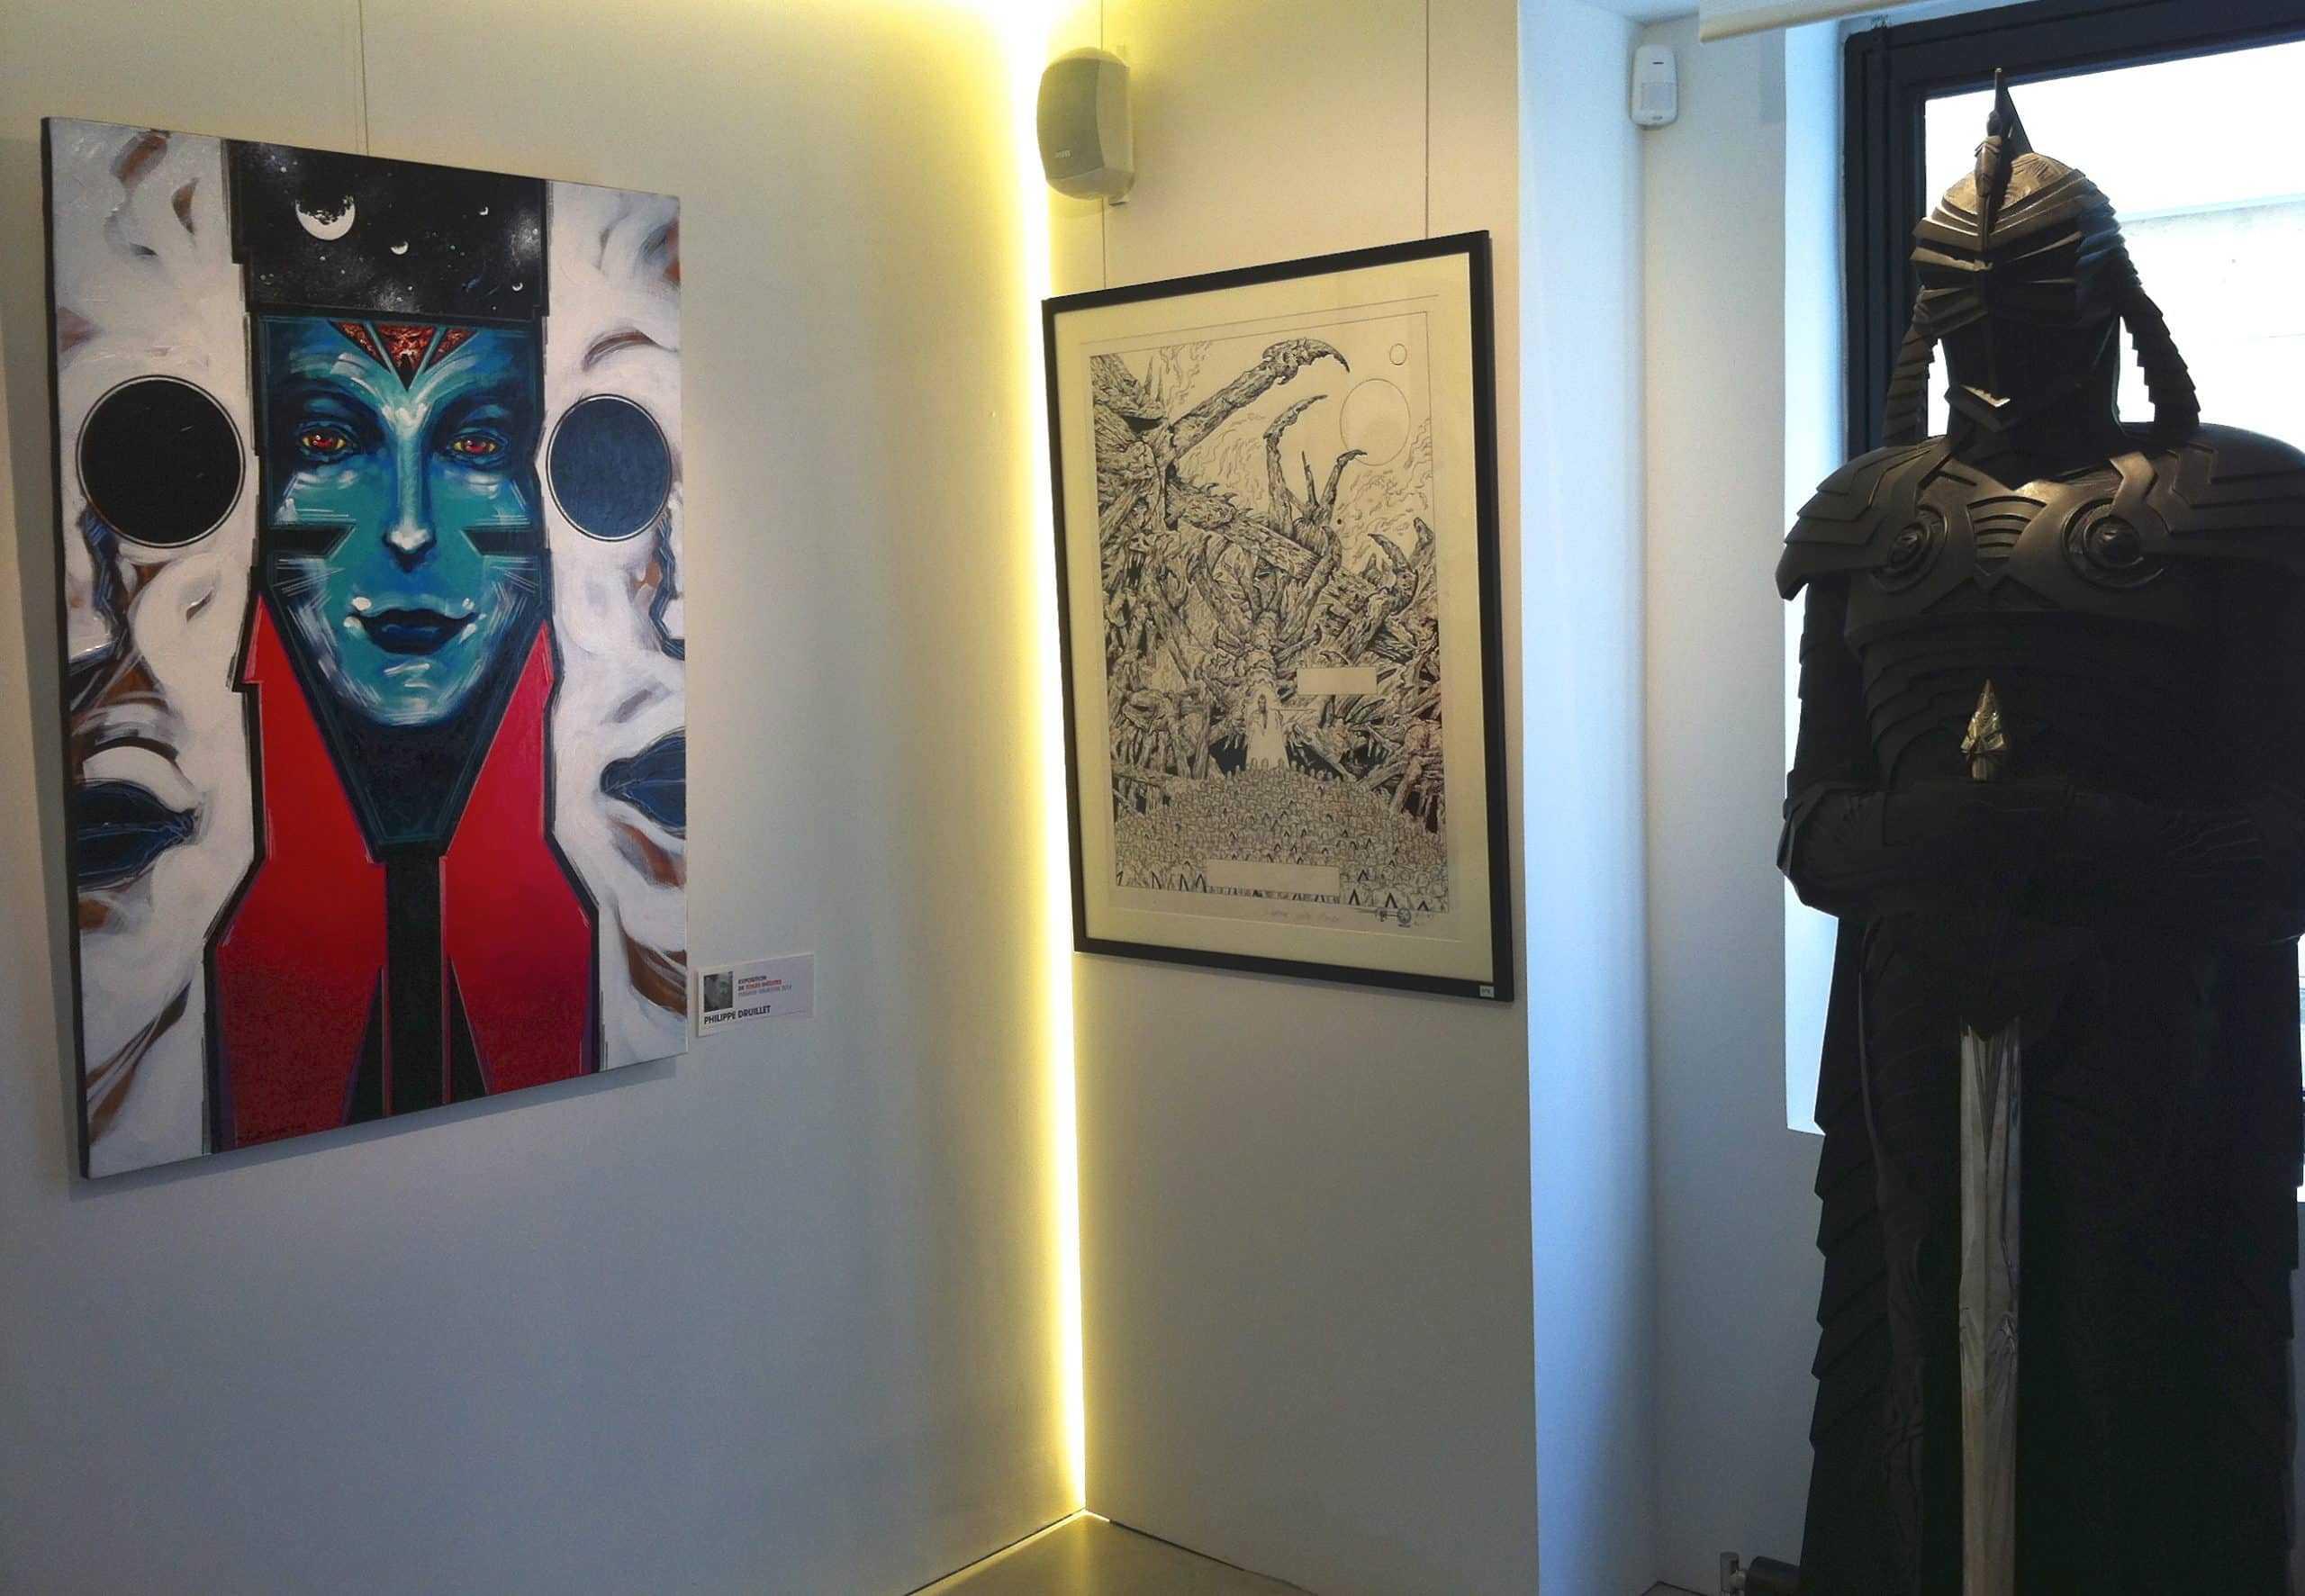 La galerie Glénat à Paris accroche Morchoisne et Eric Stalner